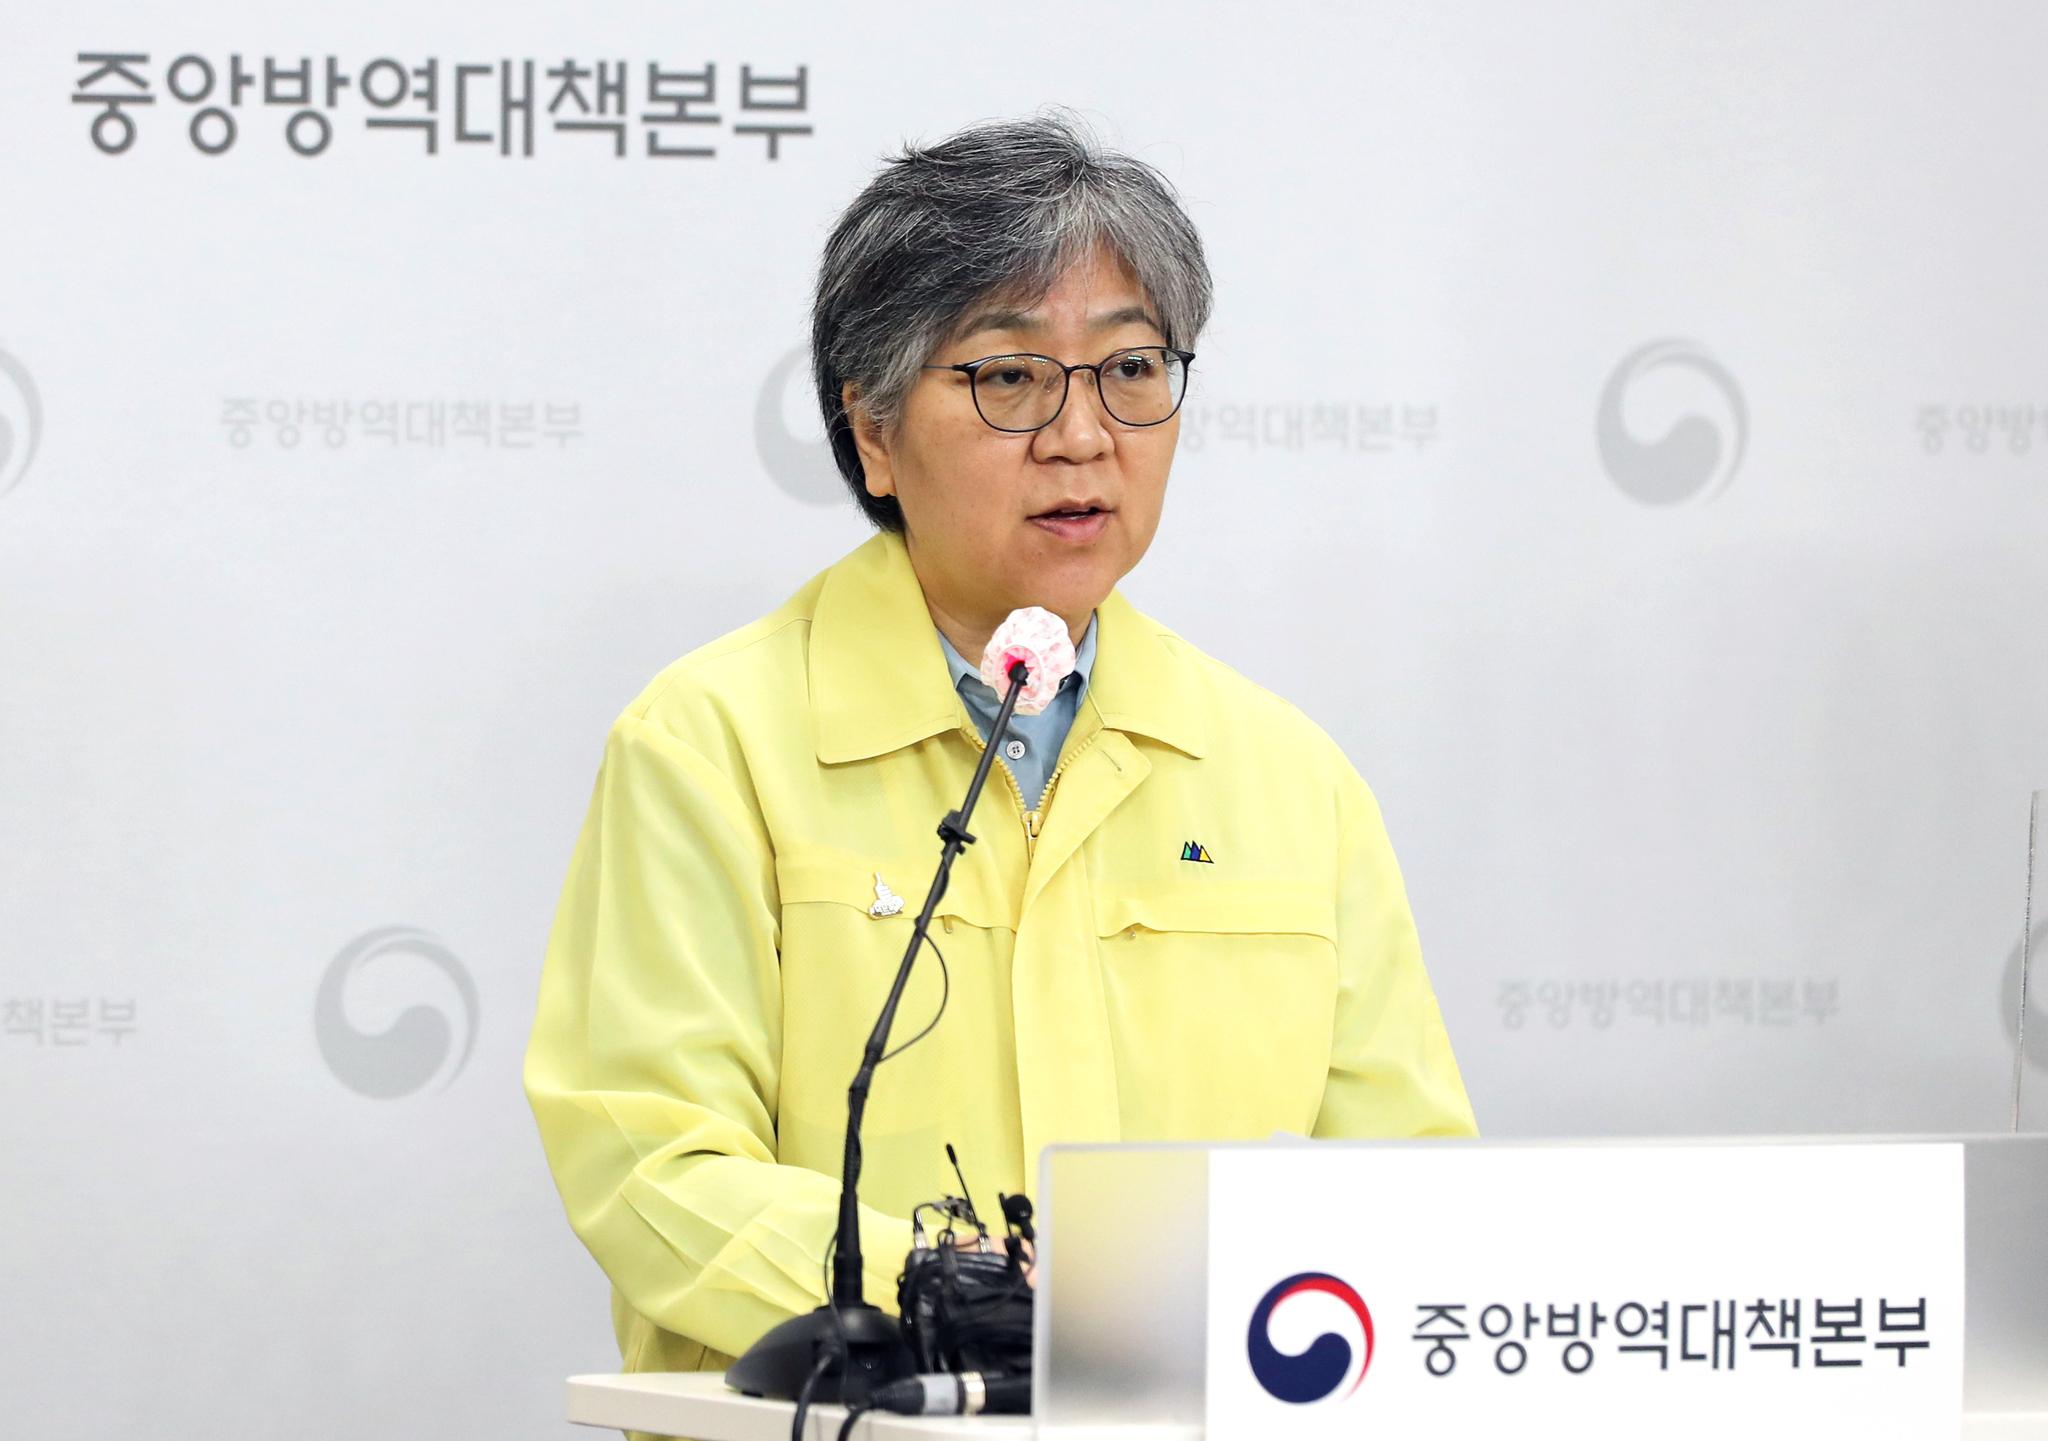 정은경 중앙방역대책본부장(질병관리청장). 연합뉴스